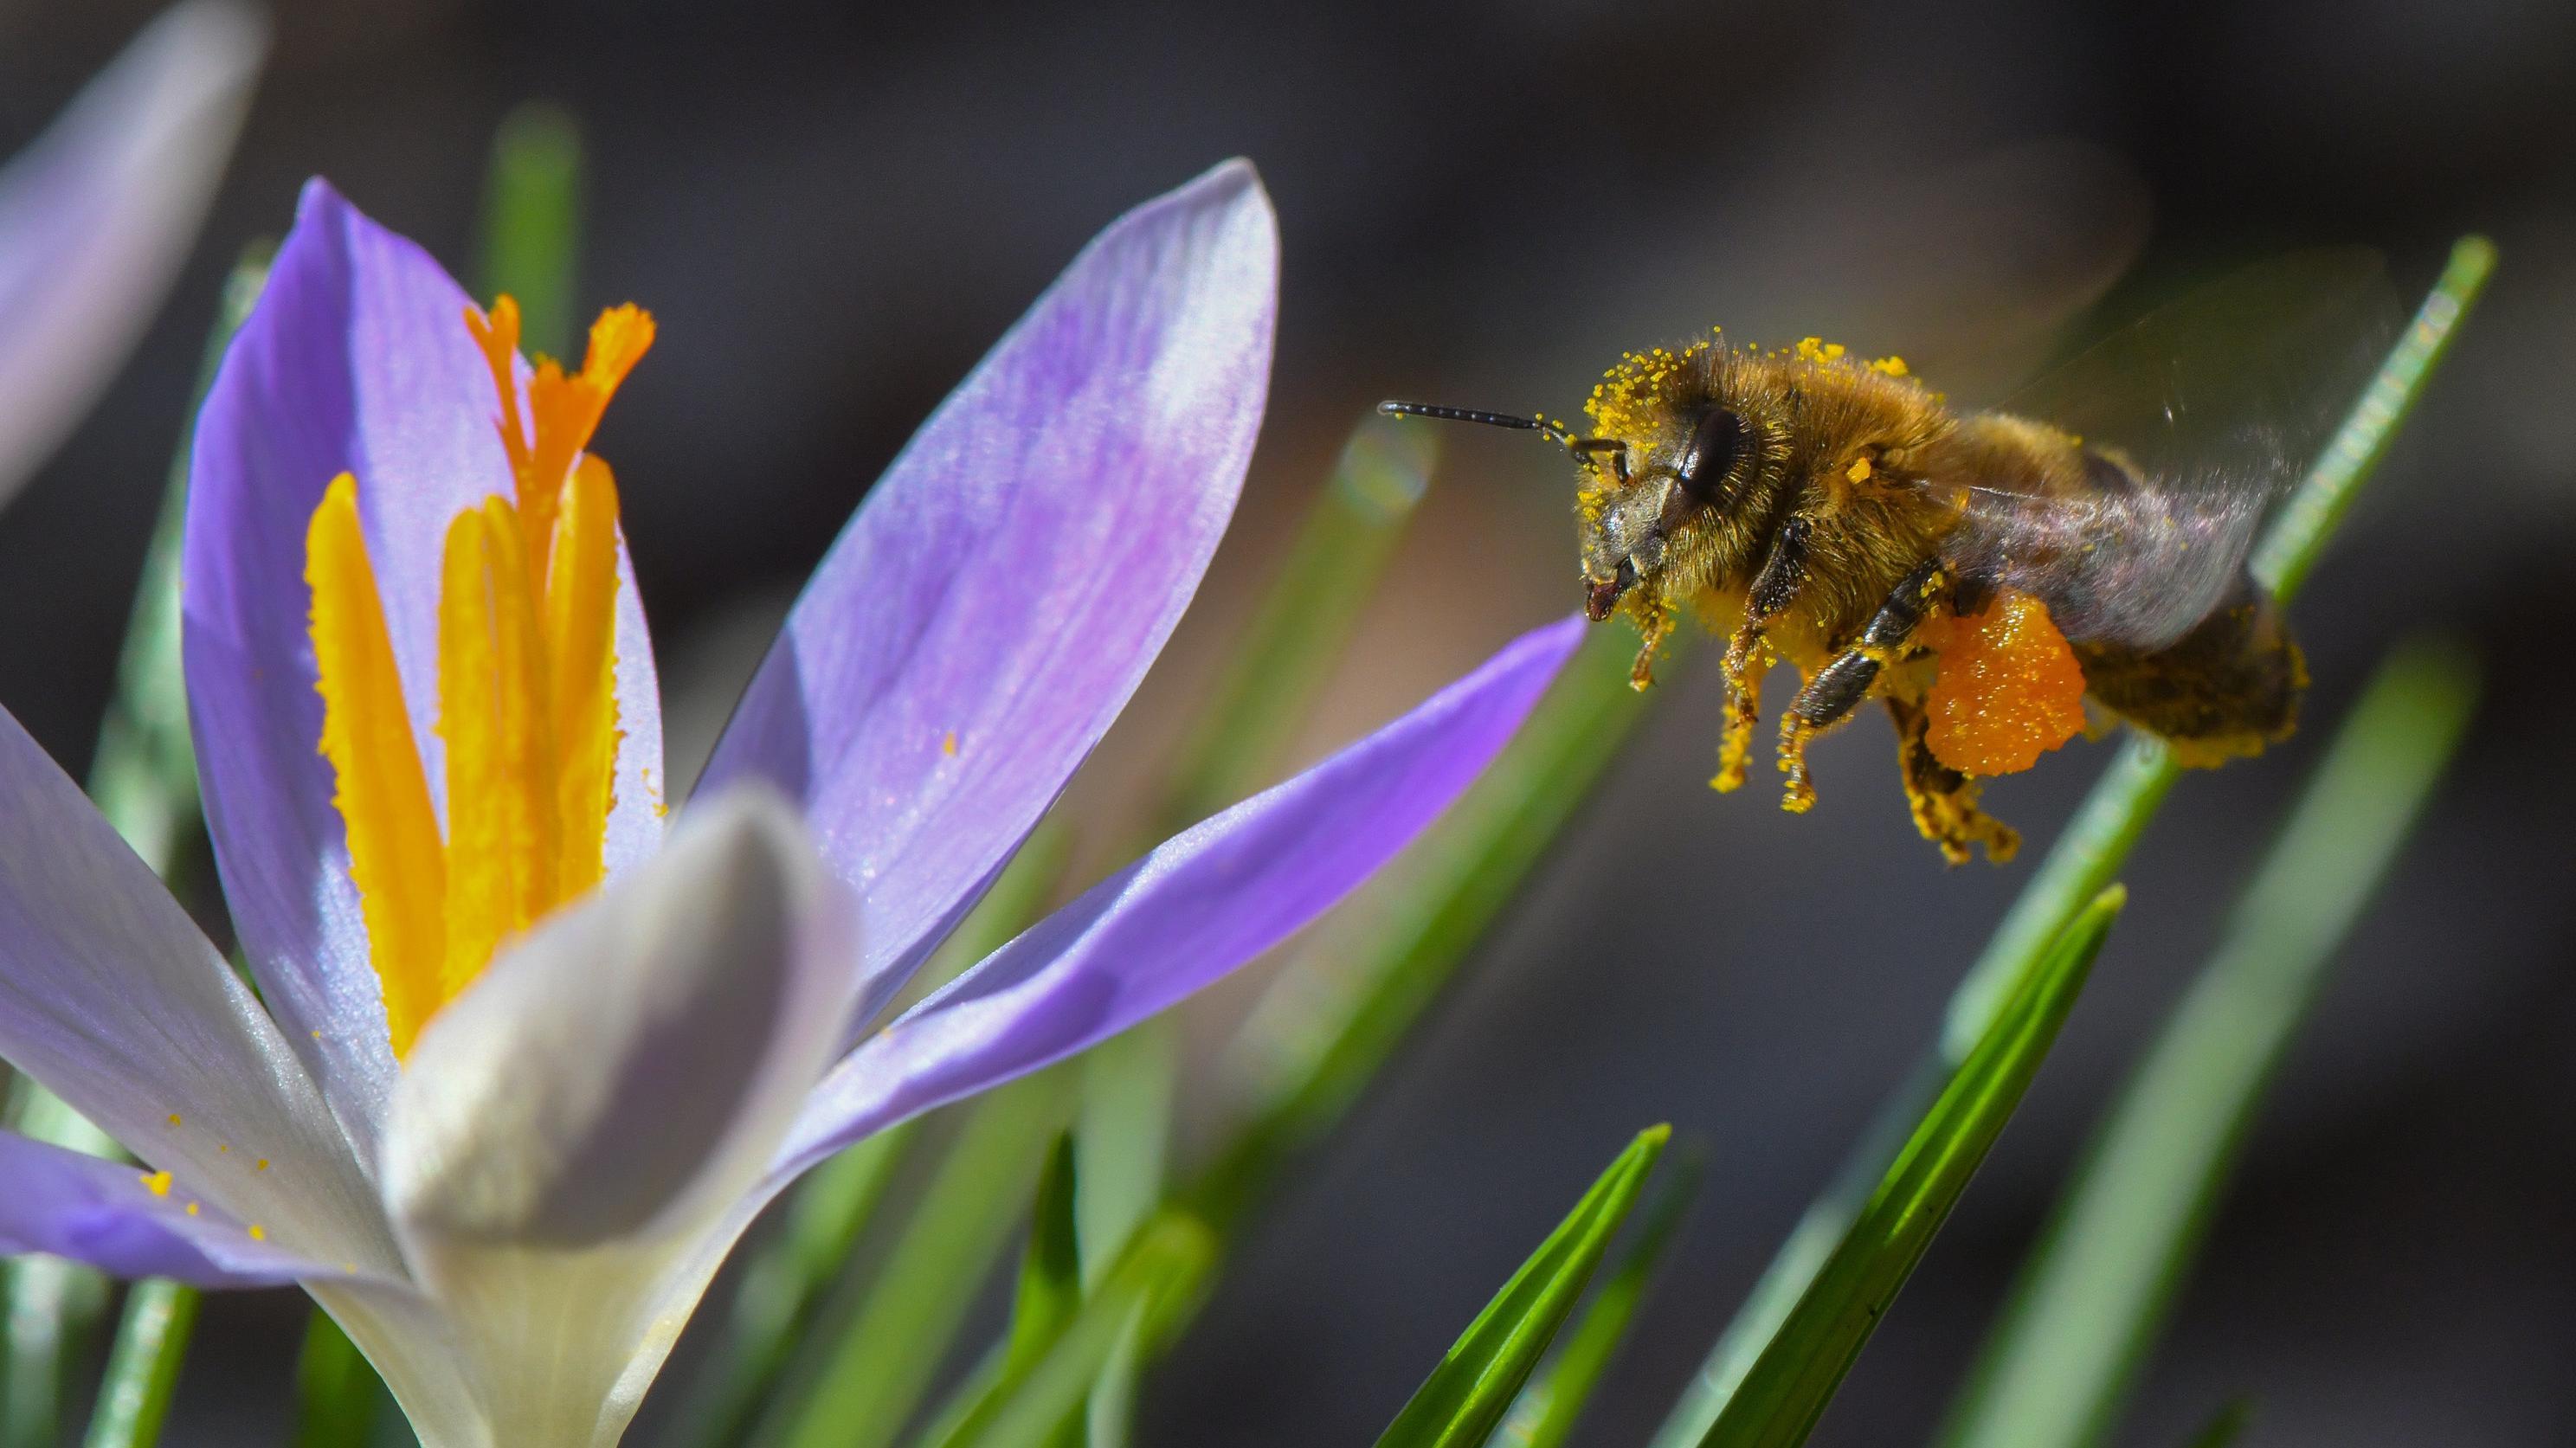 Eine Biene fliegt auf einen Krokus zu